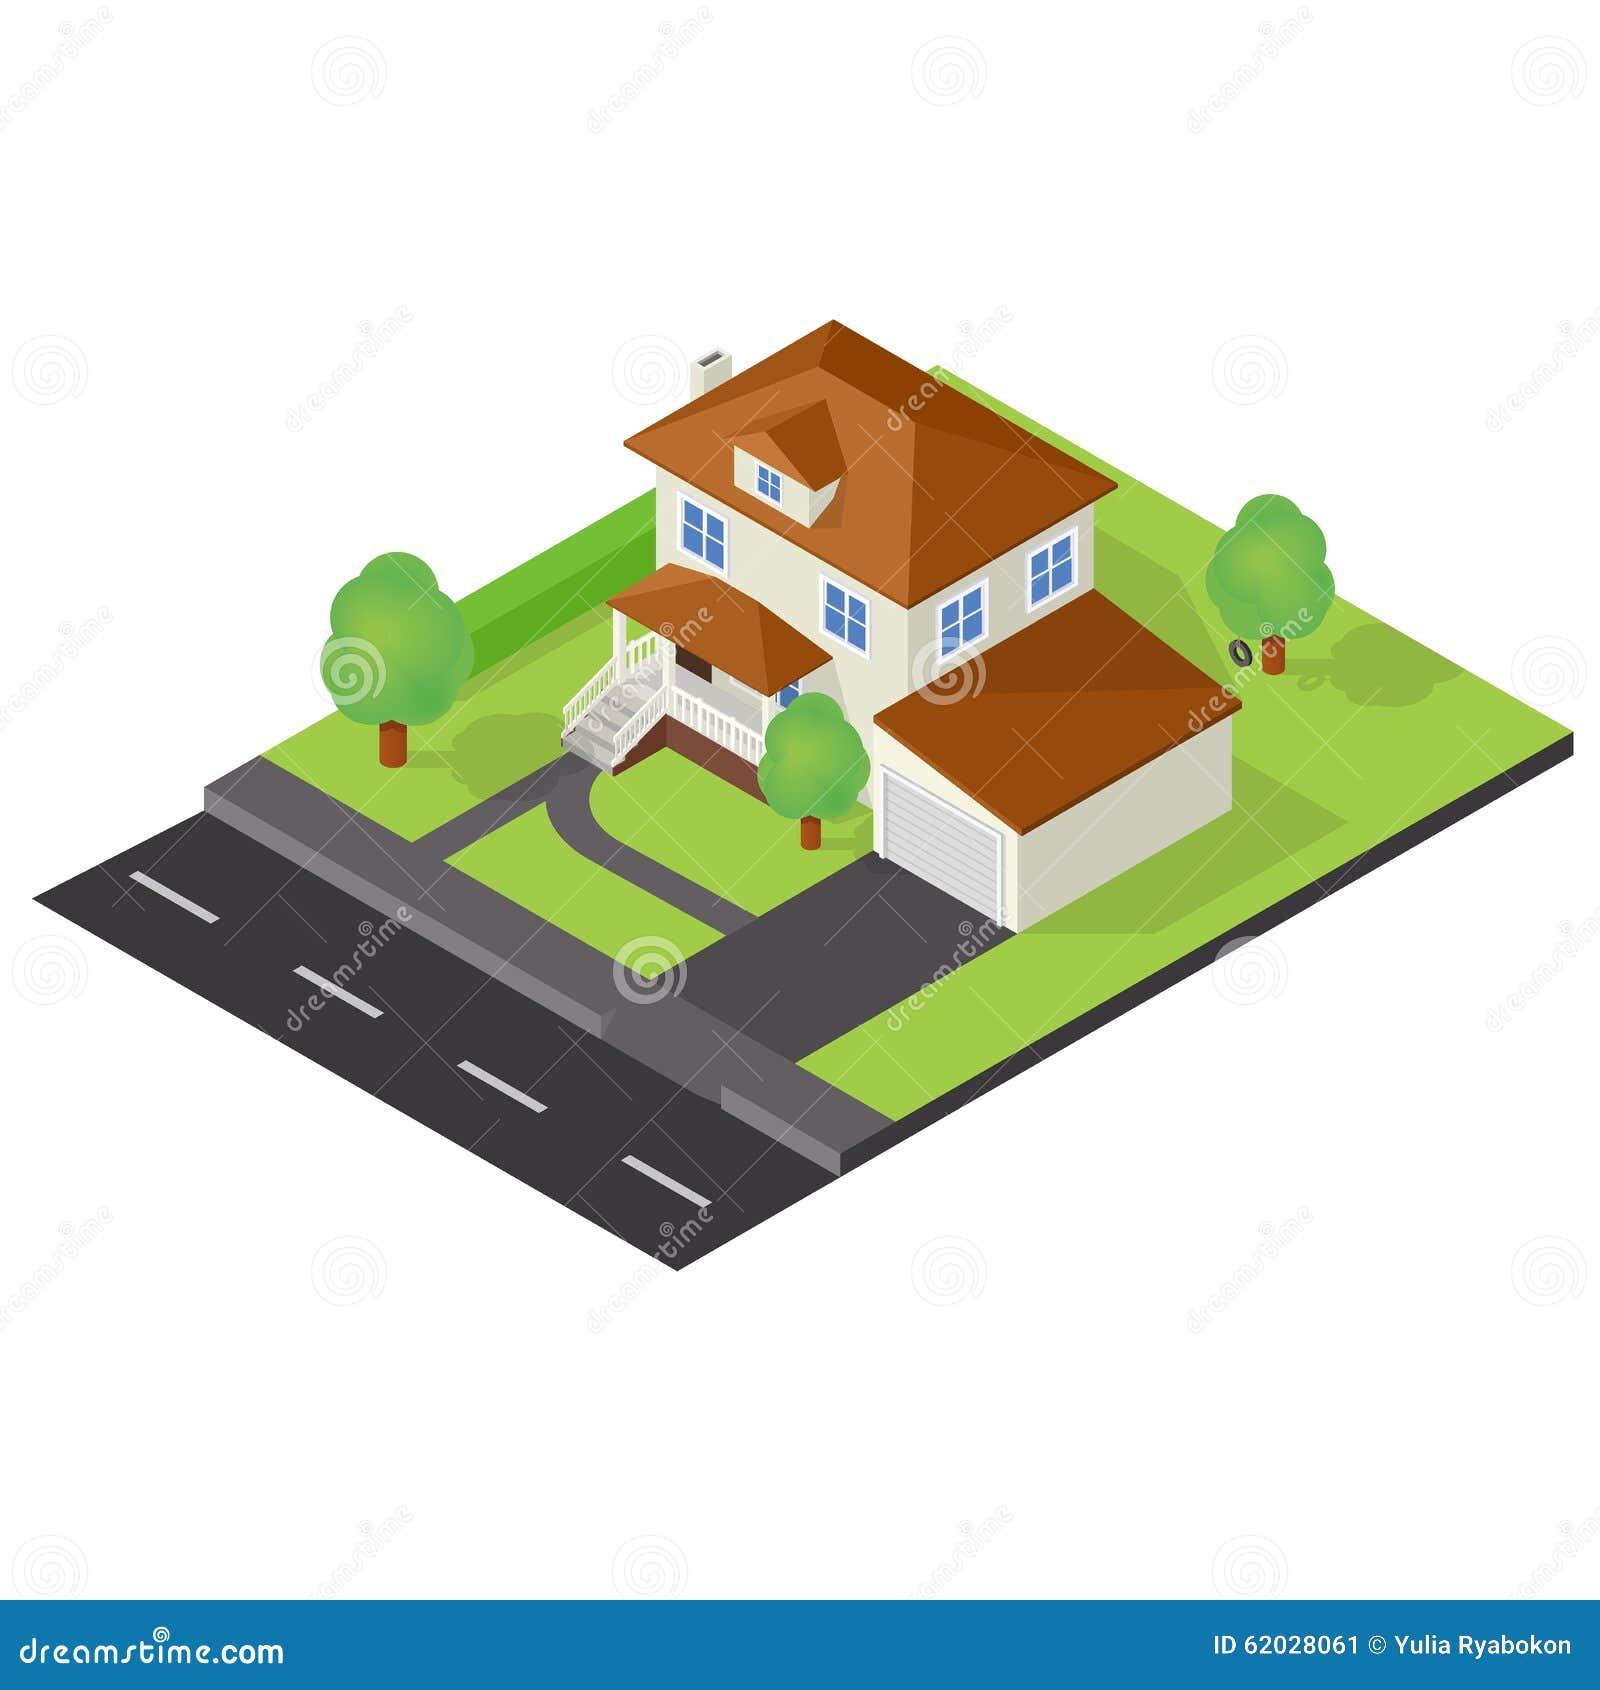 Icona isometrica del cottage illustrazione vettoriale for Planimetrie del cottage del cortile